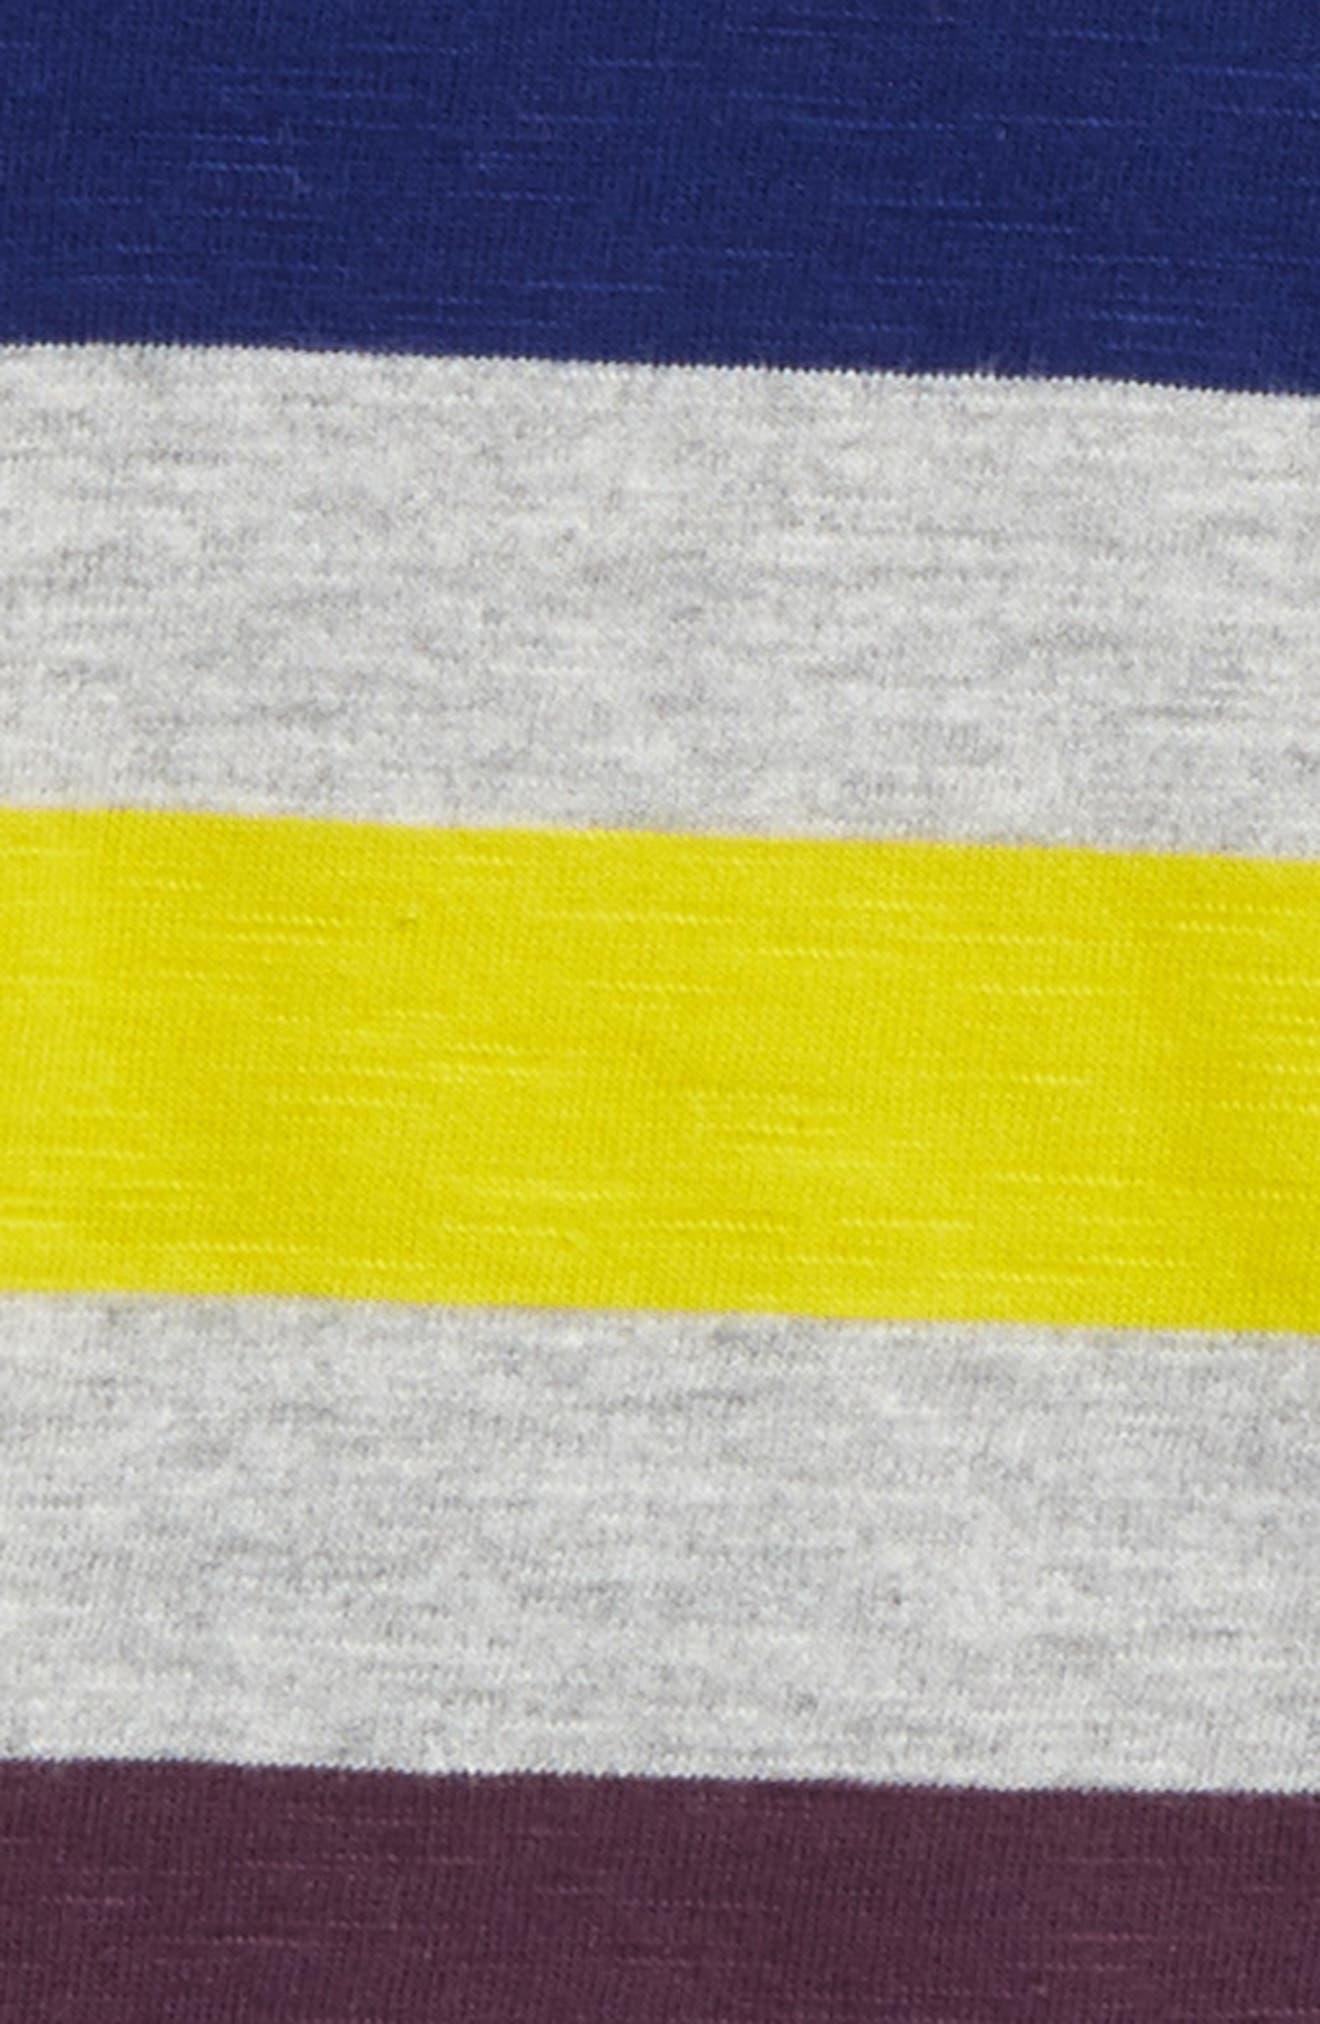 Alternate Image 2  - Mini Boden Stripe Long Sleeve T-Shirt (Toddler Boys, Little Boys & Big Boys)